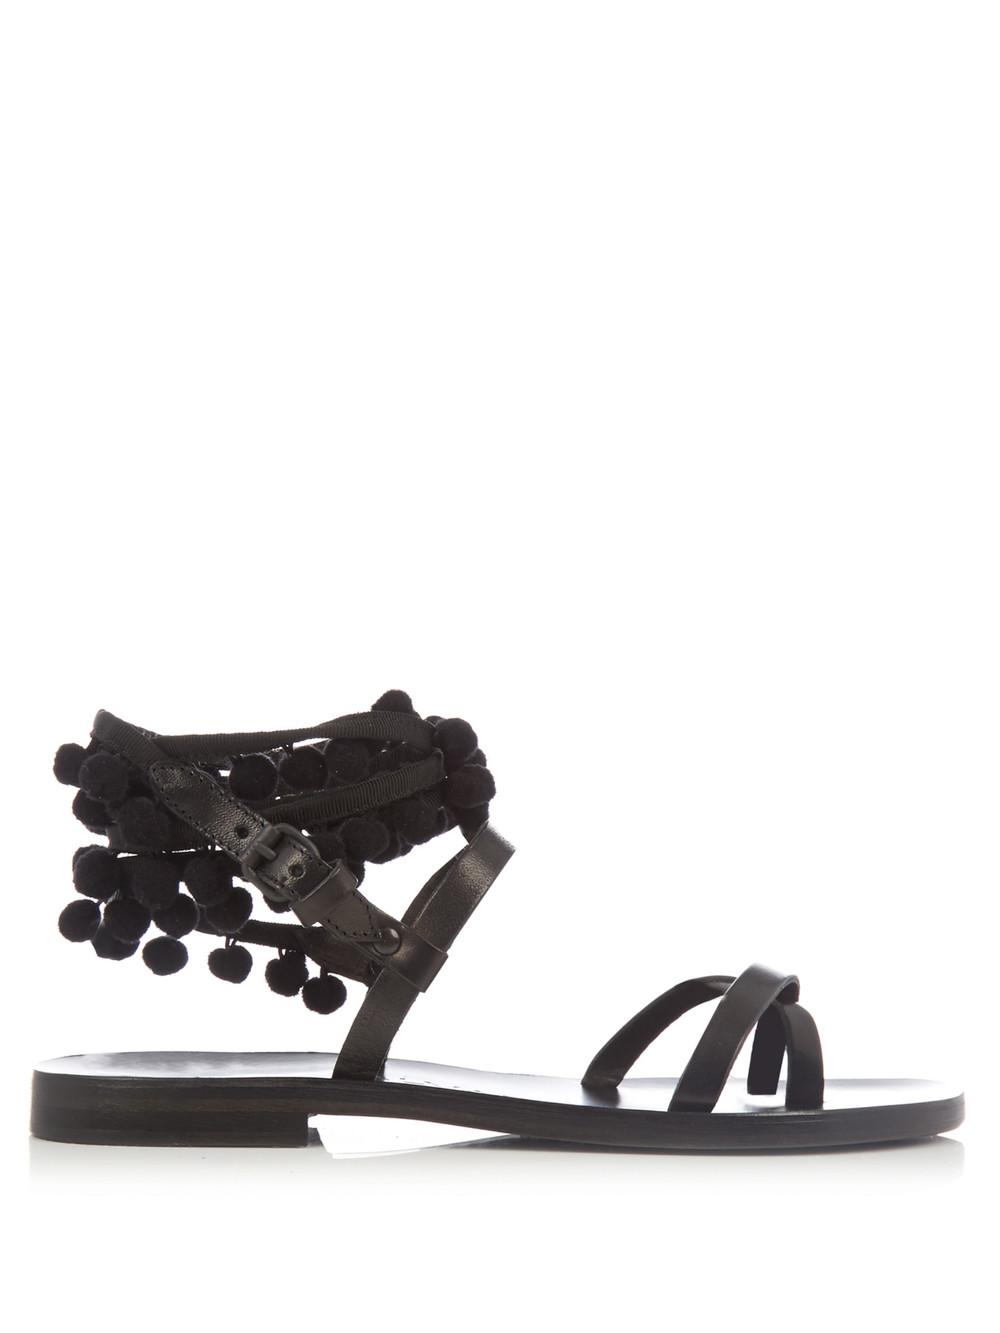 embellished sandals leather sandals leather black shoes